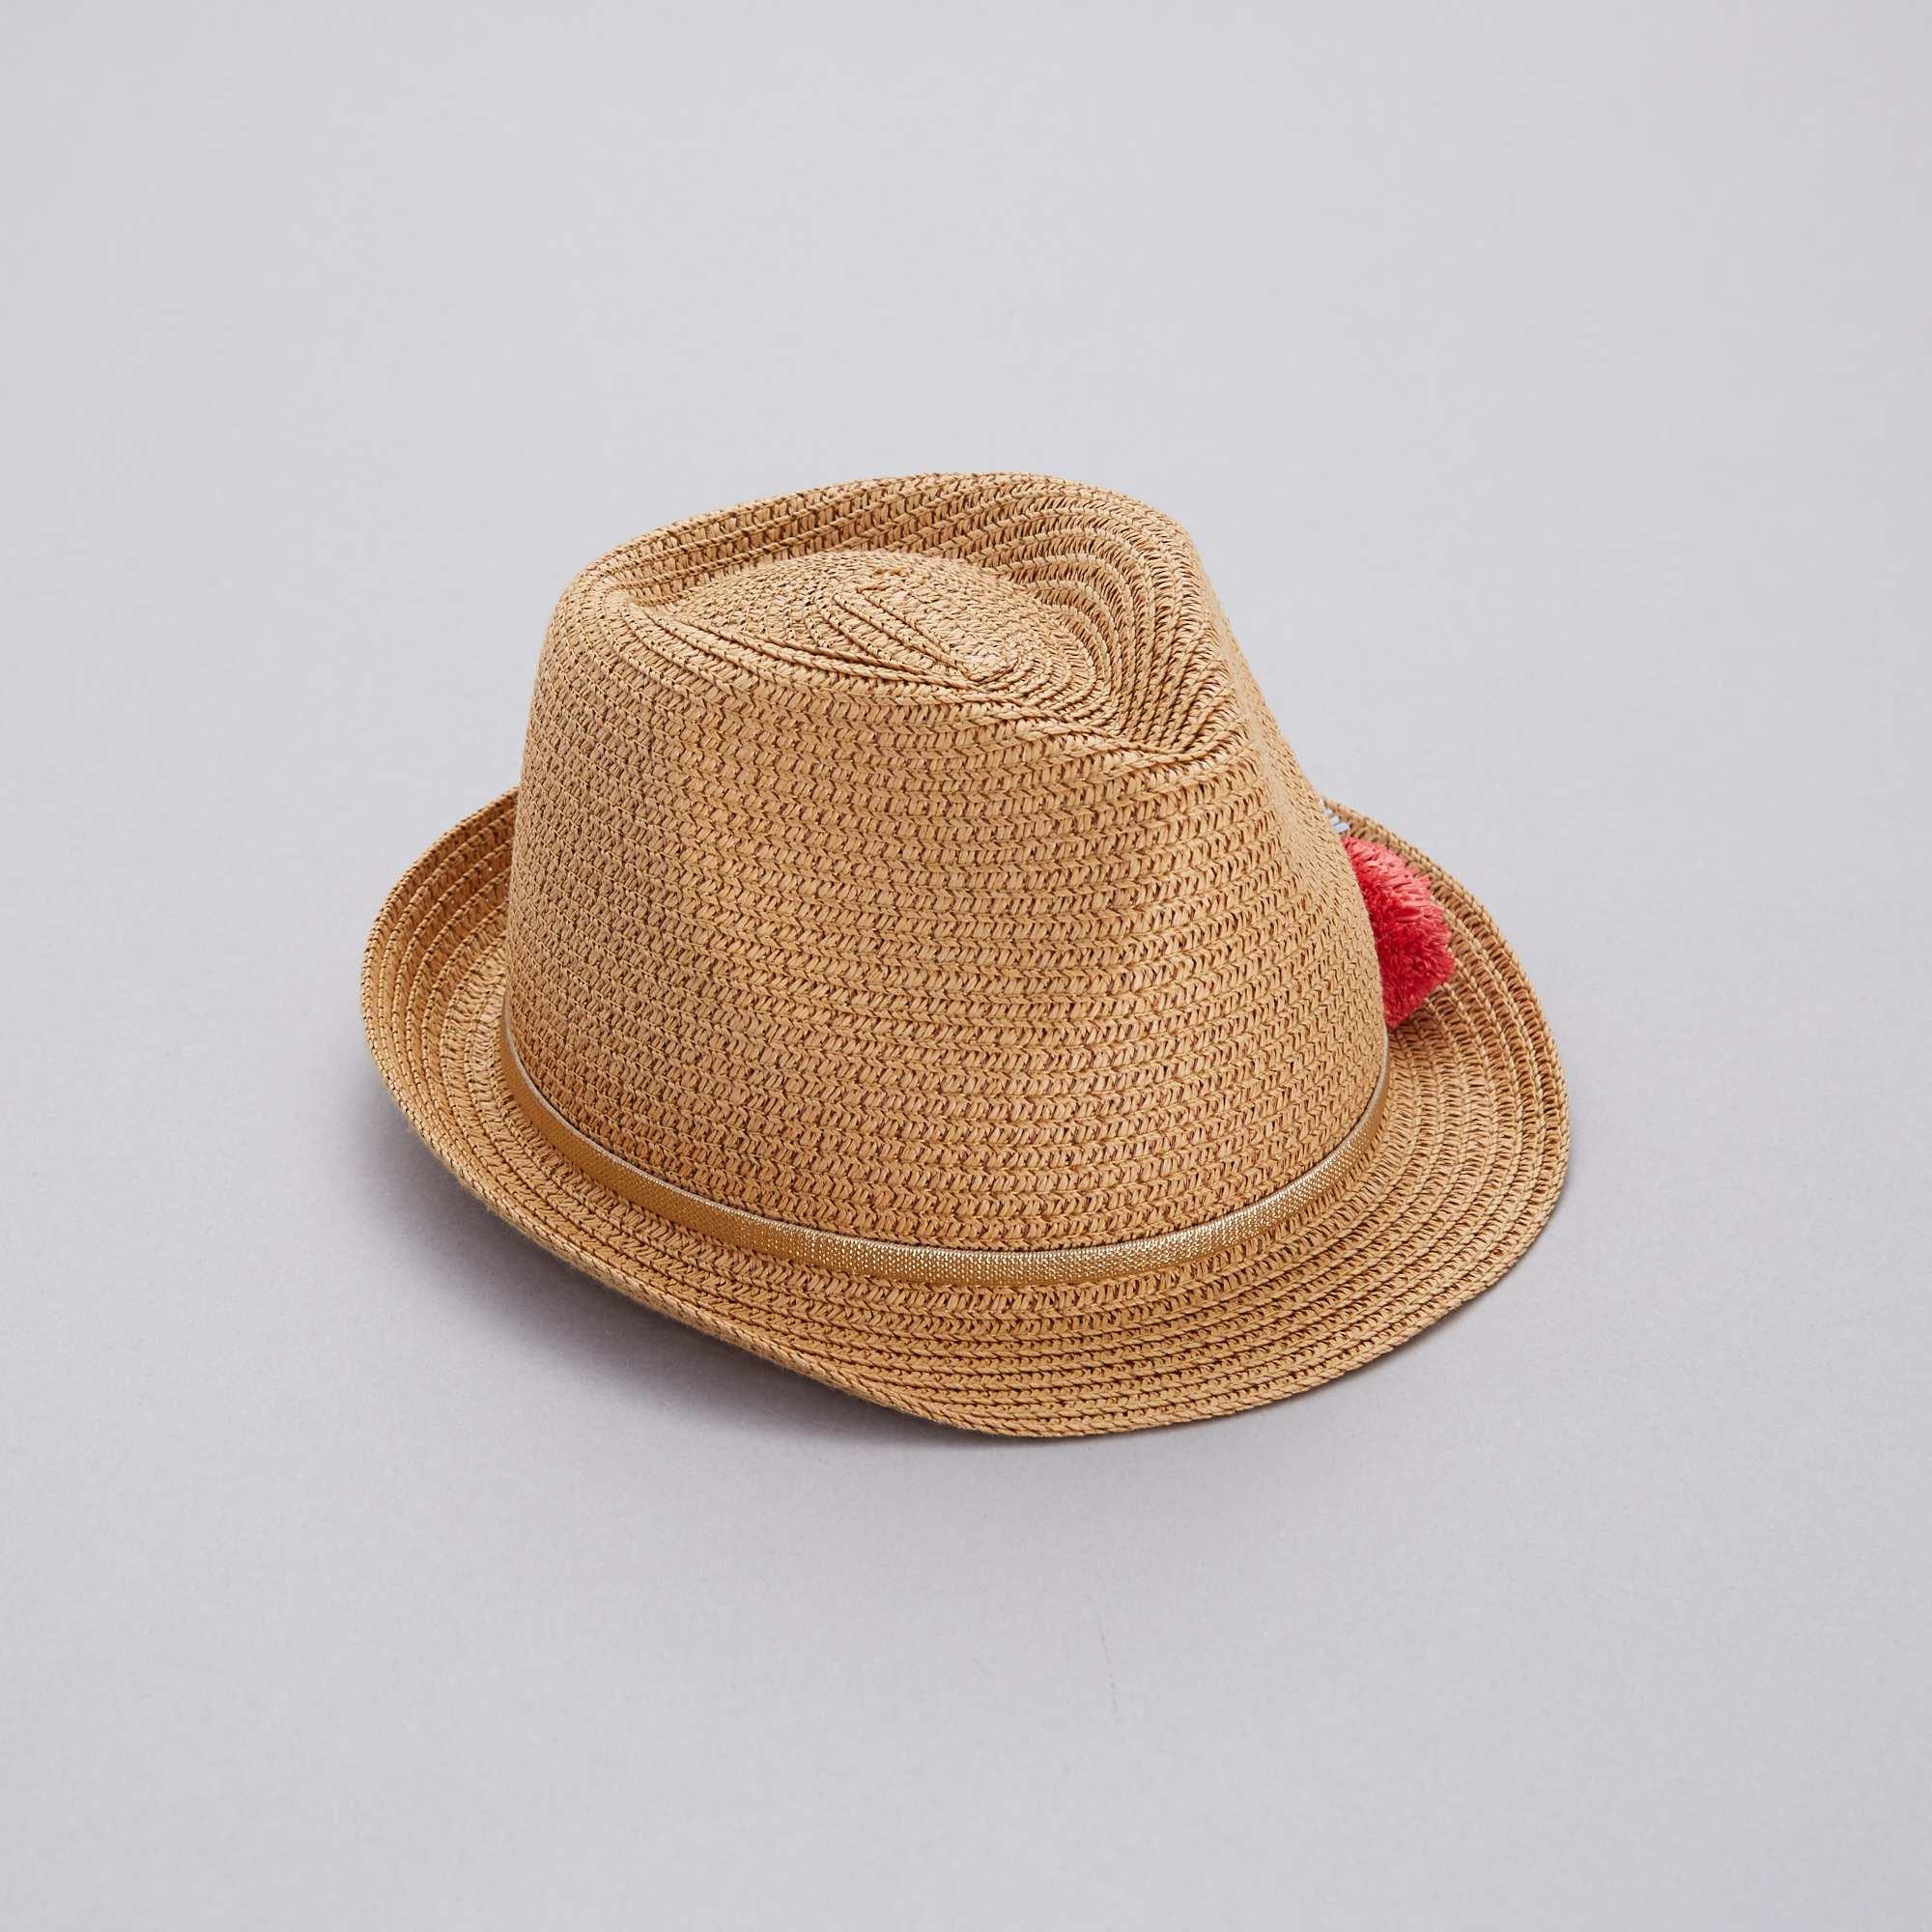 Sombrero borsalino con borlas Chica - castaño - Kiabi - 7 d352e9303bf